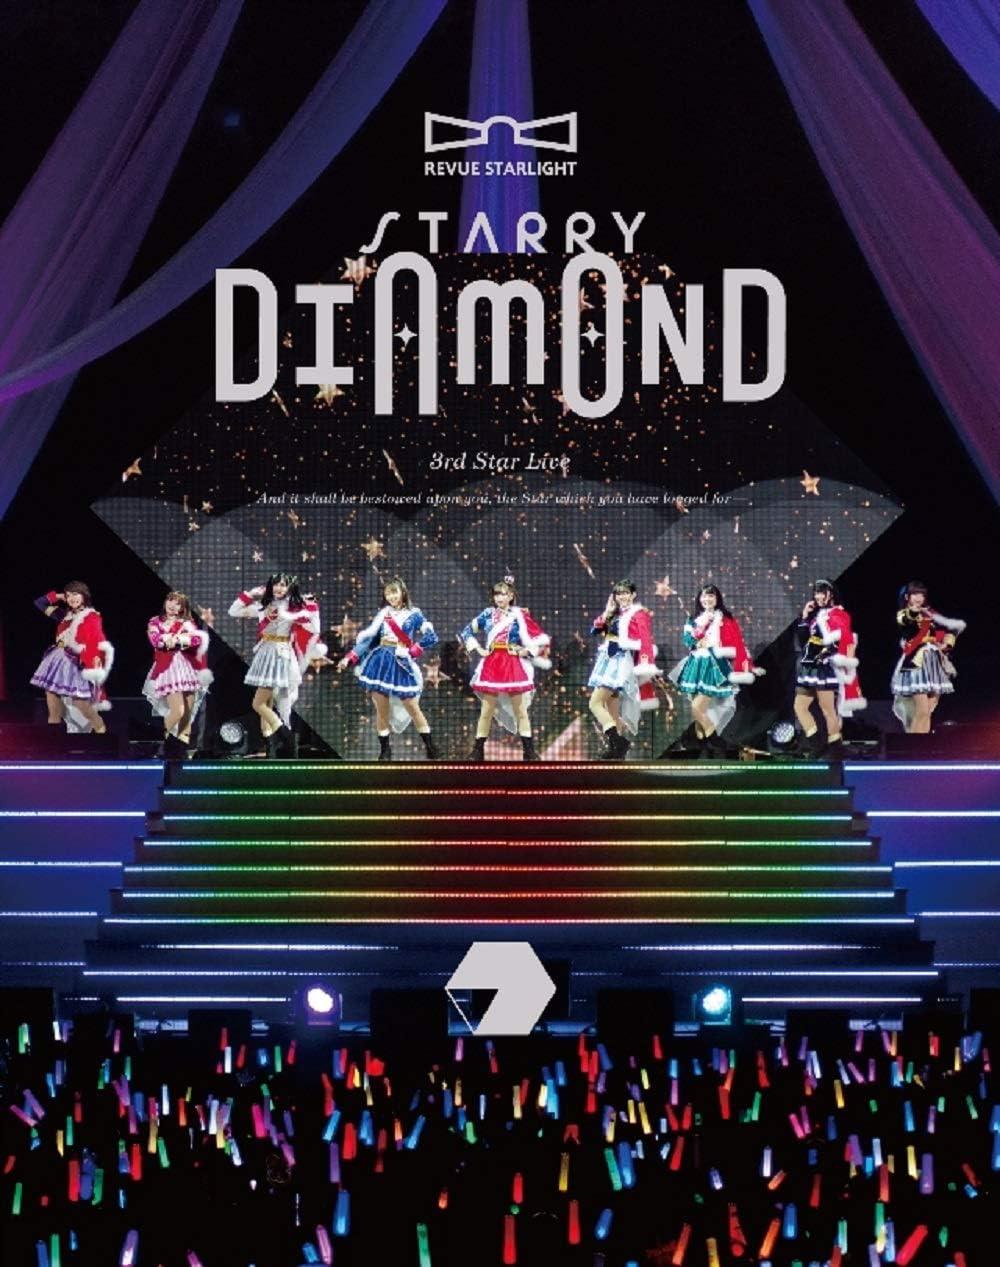 少女☆歌劇 レヴュースタァライト 3rdスタァライブ Starry Diamond Blu-ray